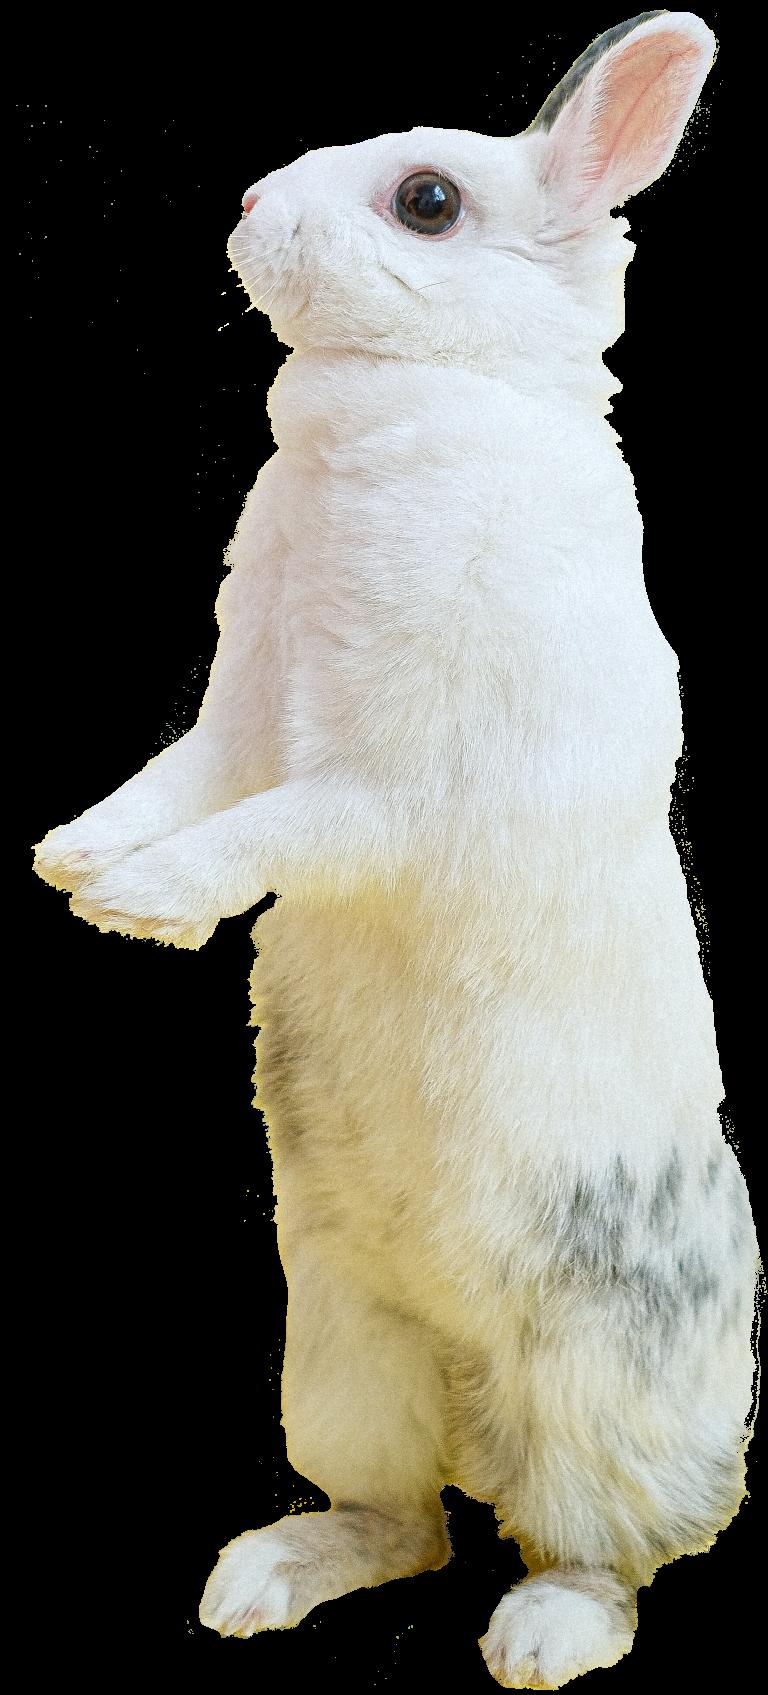 konijn-dierenkliniek-oog-in-al-utrecht-dierenarts-12